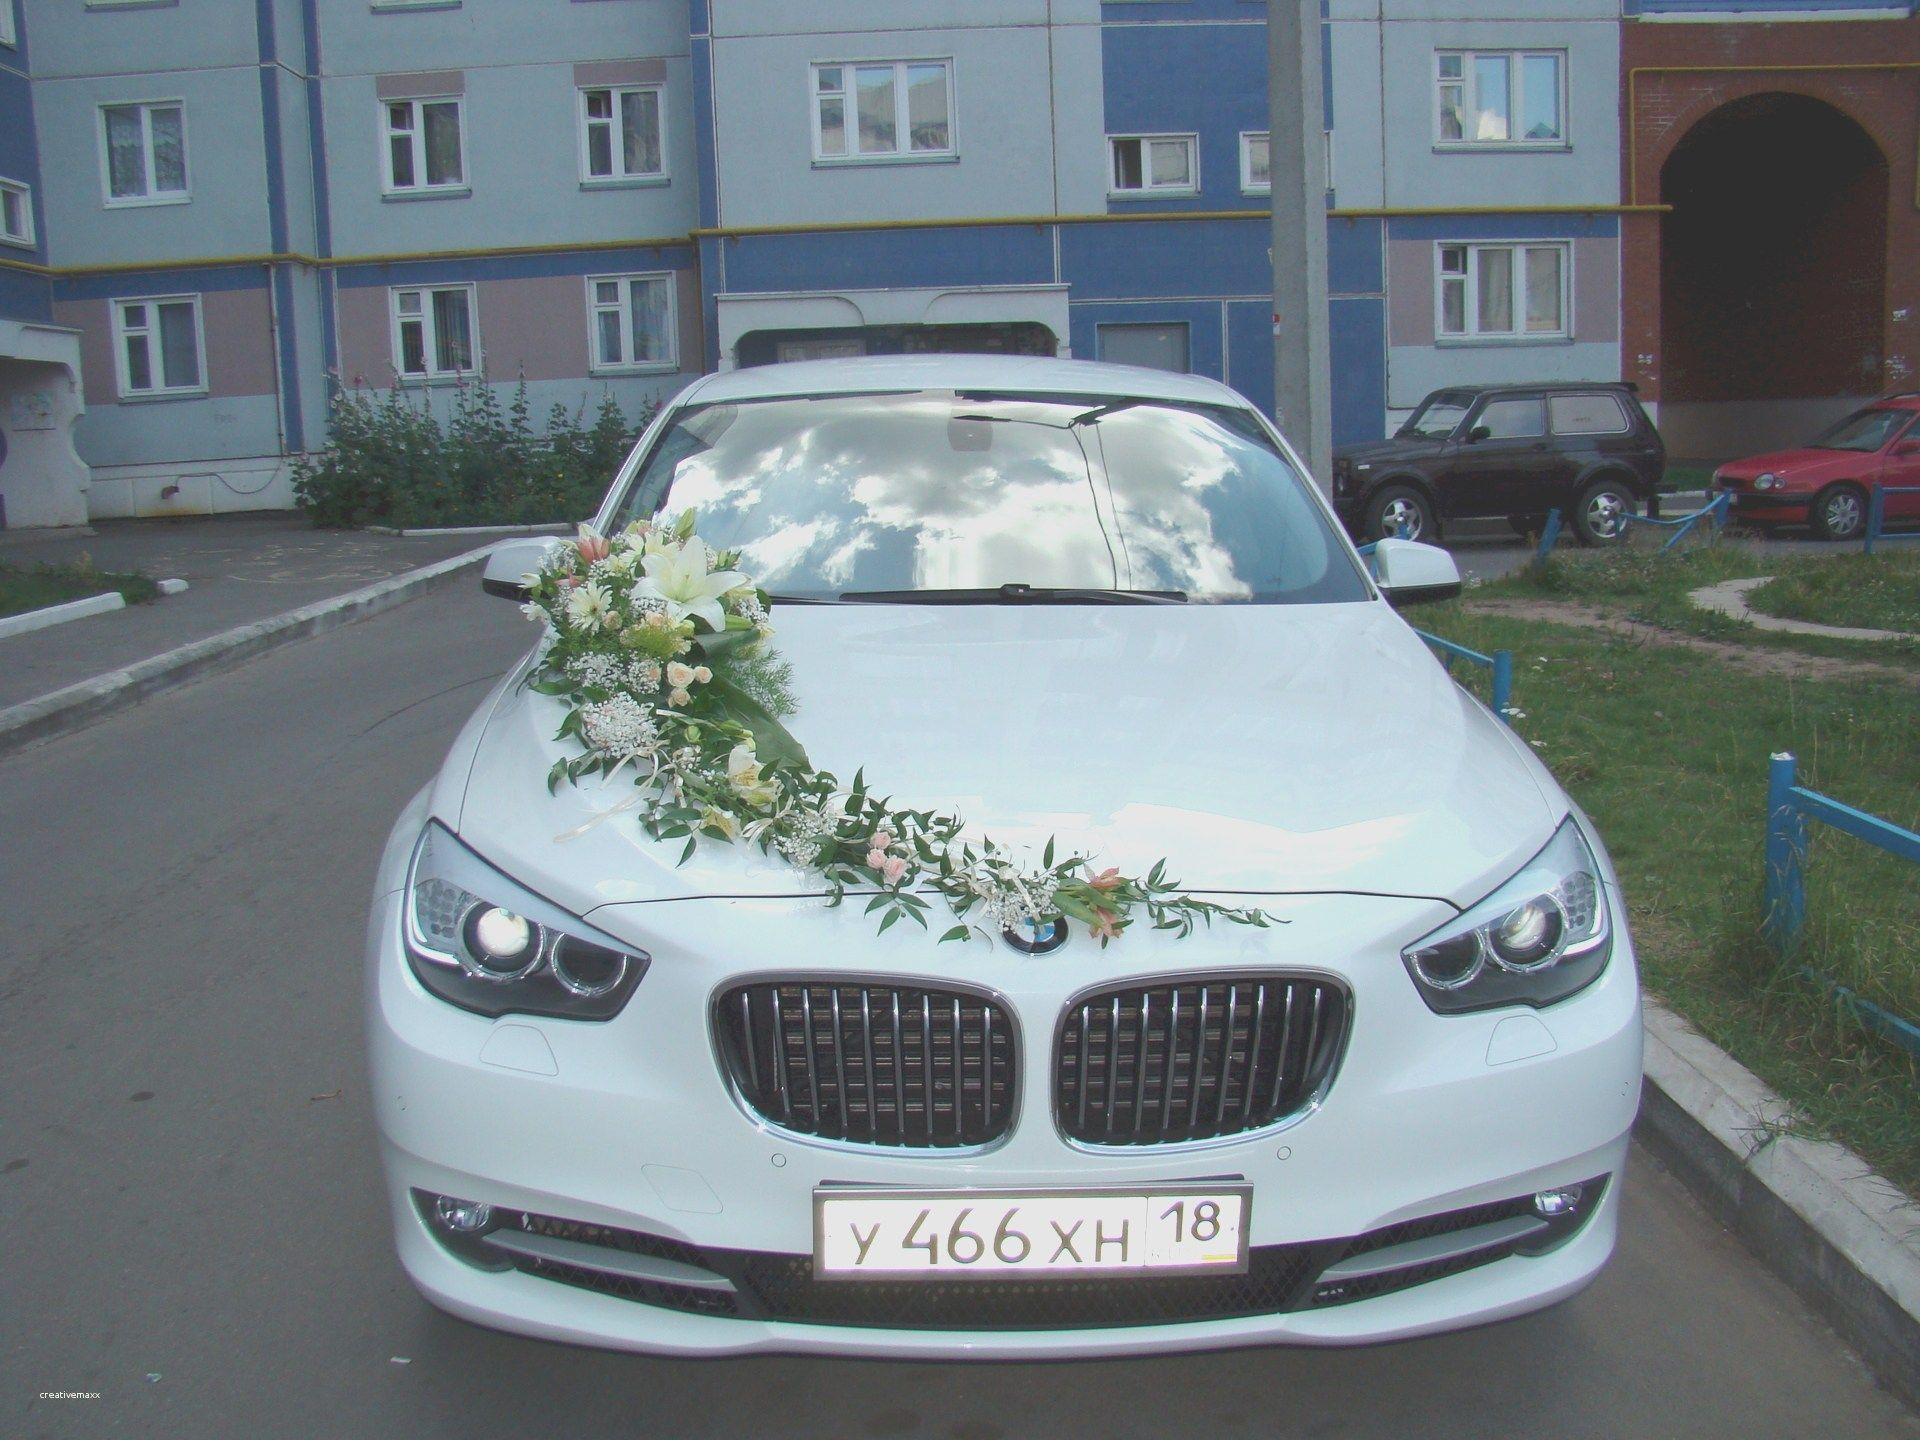 Elegant Getaway Car Wedding Ideas